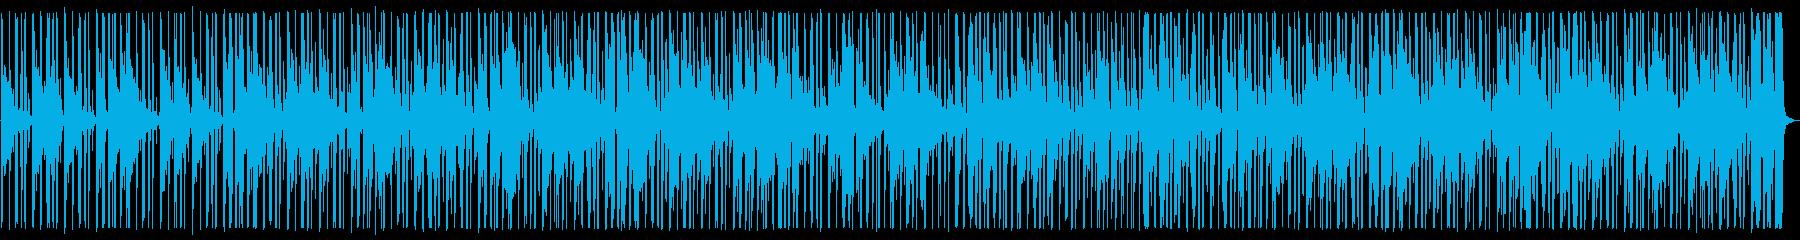 冬/切ない/R&B_No483_1の再生済みの波形